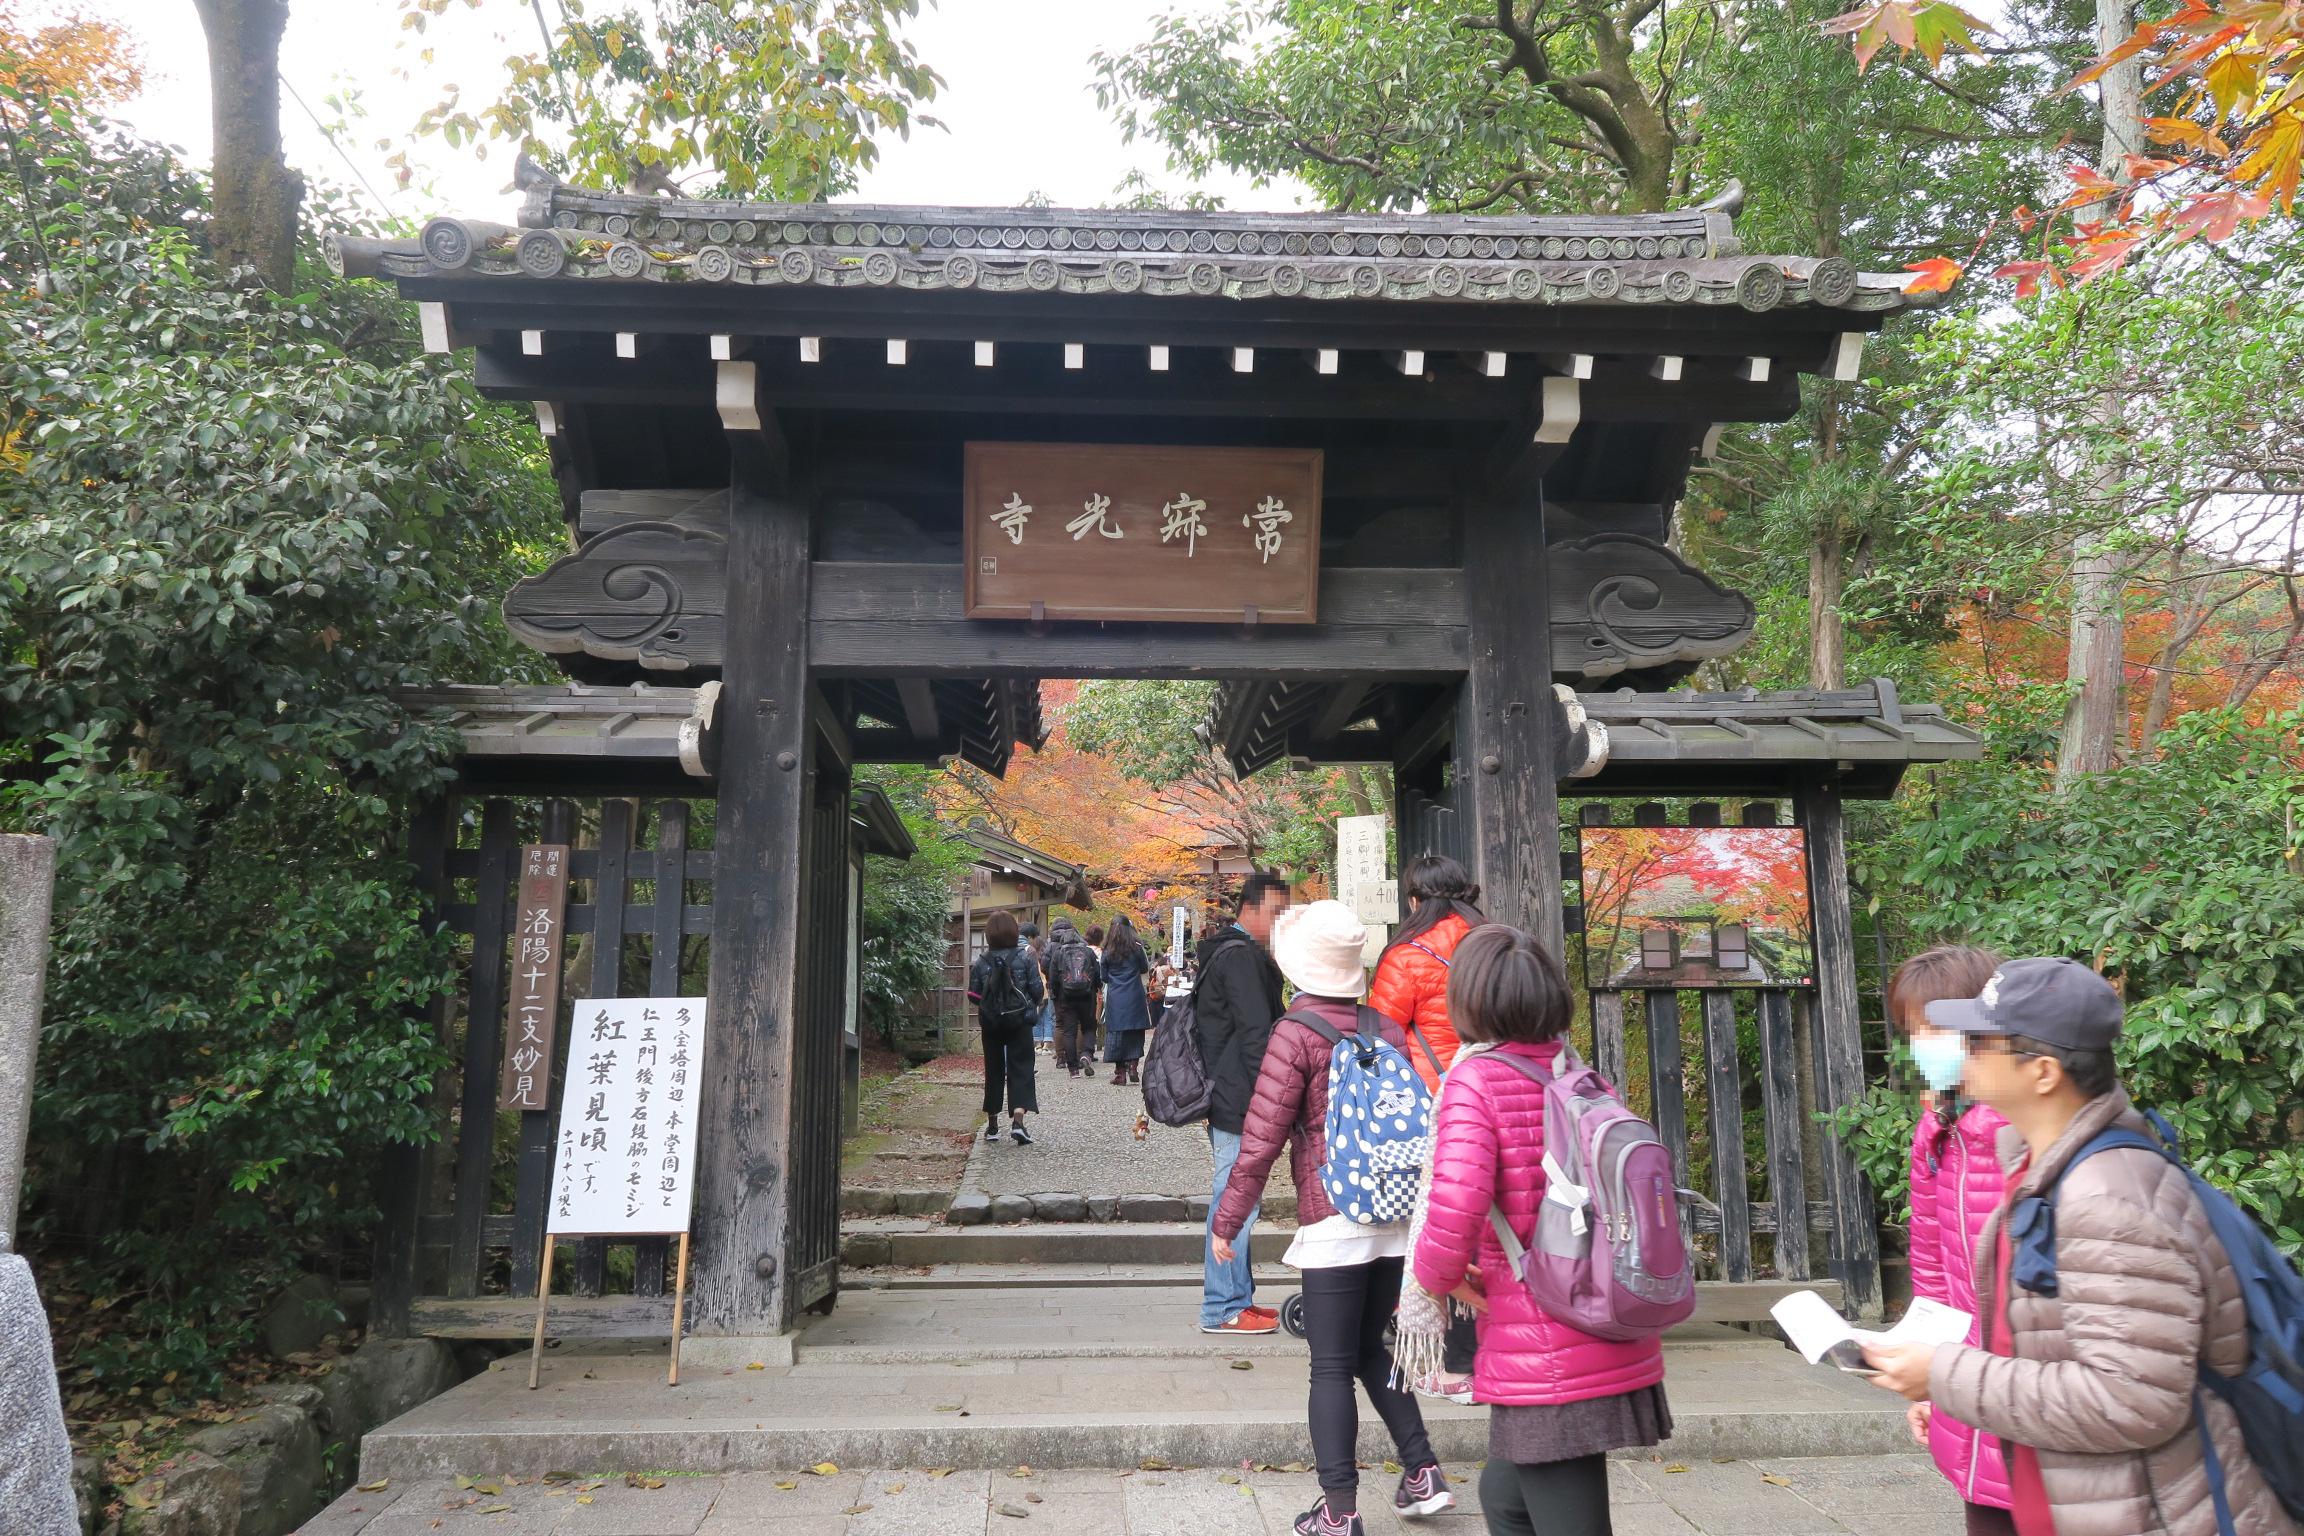 常寂光寺の山門。